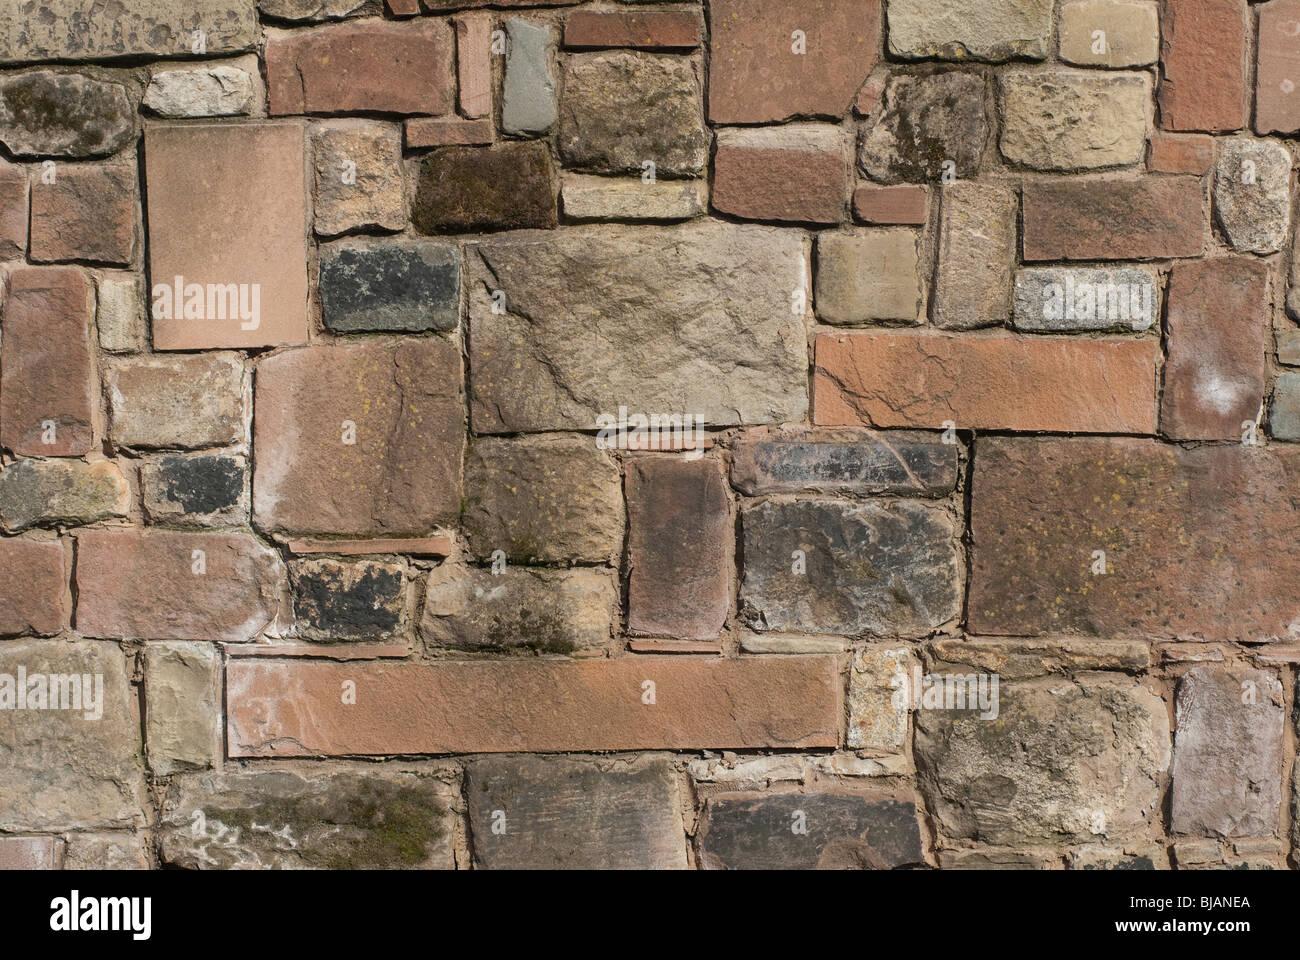 Granite Stone Sandstone : A solid stone wall made of sandstone limestone and granite